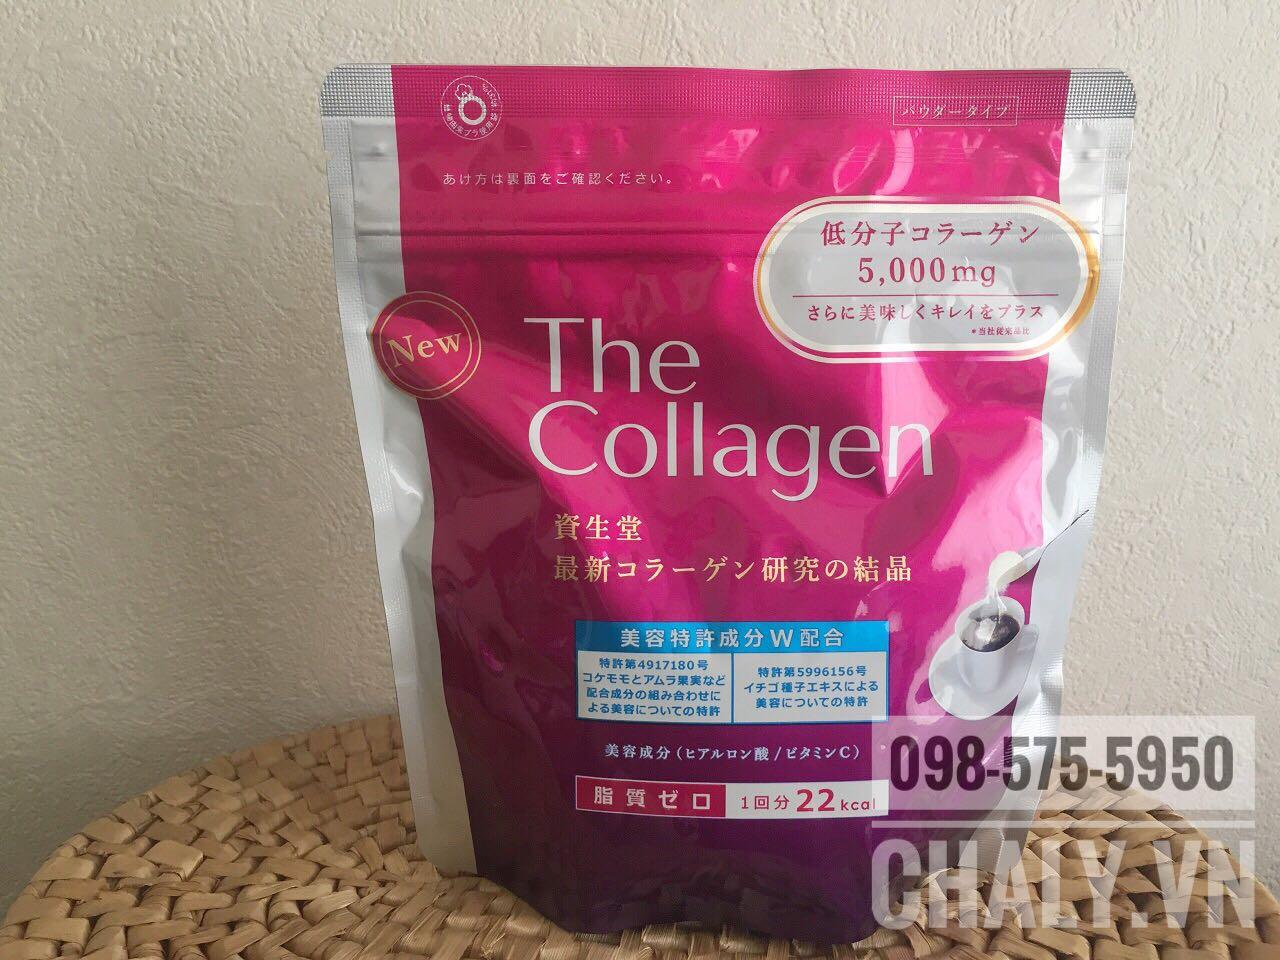 Sản phẩm The collagen Nhật Bản dạng bột của Shiseido là collagen bột của Nhật được yêu thích nhiều năm qua